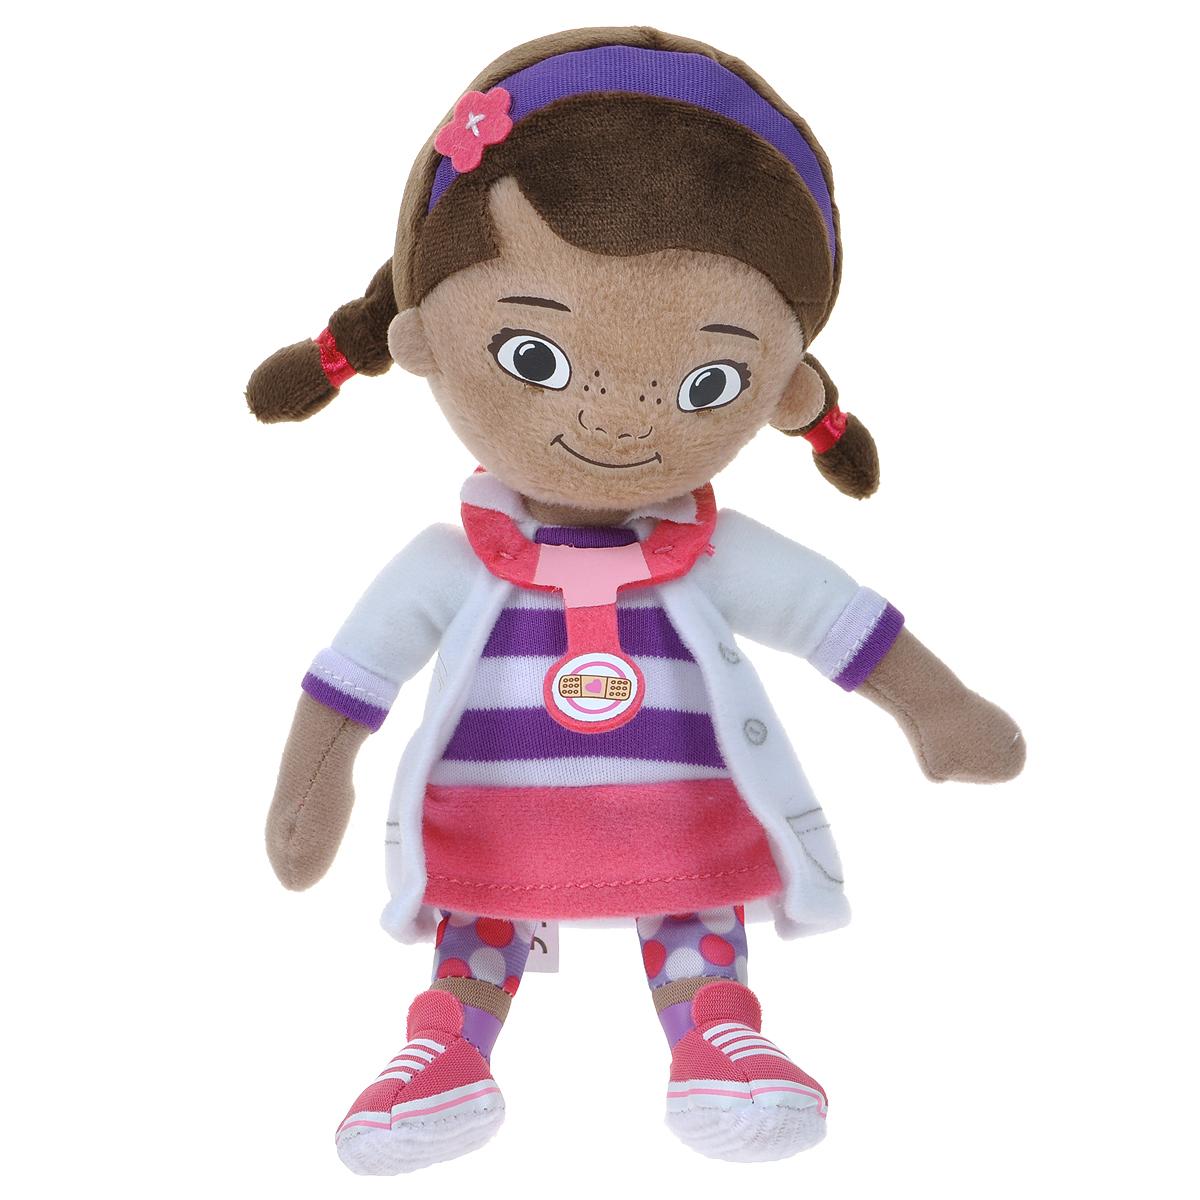 Мягкая игрушка Disney Доктор Плюшева, 20 см1200453Забавная игрушка Доктор Плюшева в виде главного героя одноименного мультфильма привлечет внимание каждого малыша. Она сшита из приятных на ощупь, качественных материалов, полностью безвредных для ребенка. С такой игрушкой можно смело отправляться на прогулку или засыпать в кроватке. Игра с ней способствует развитию тактильной чувствительности и воображения у детей.